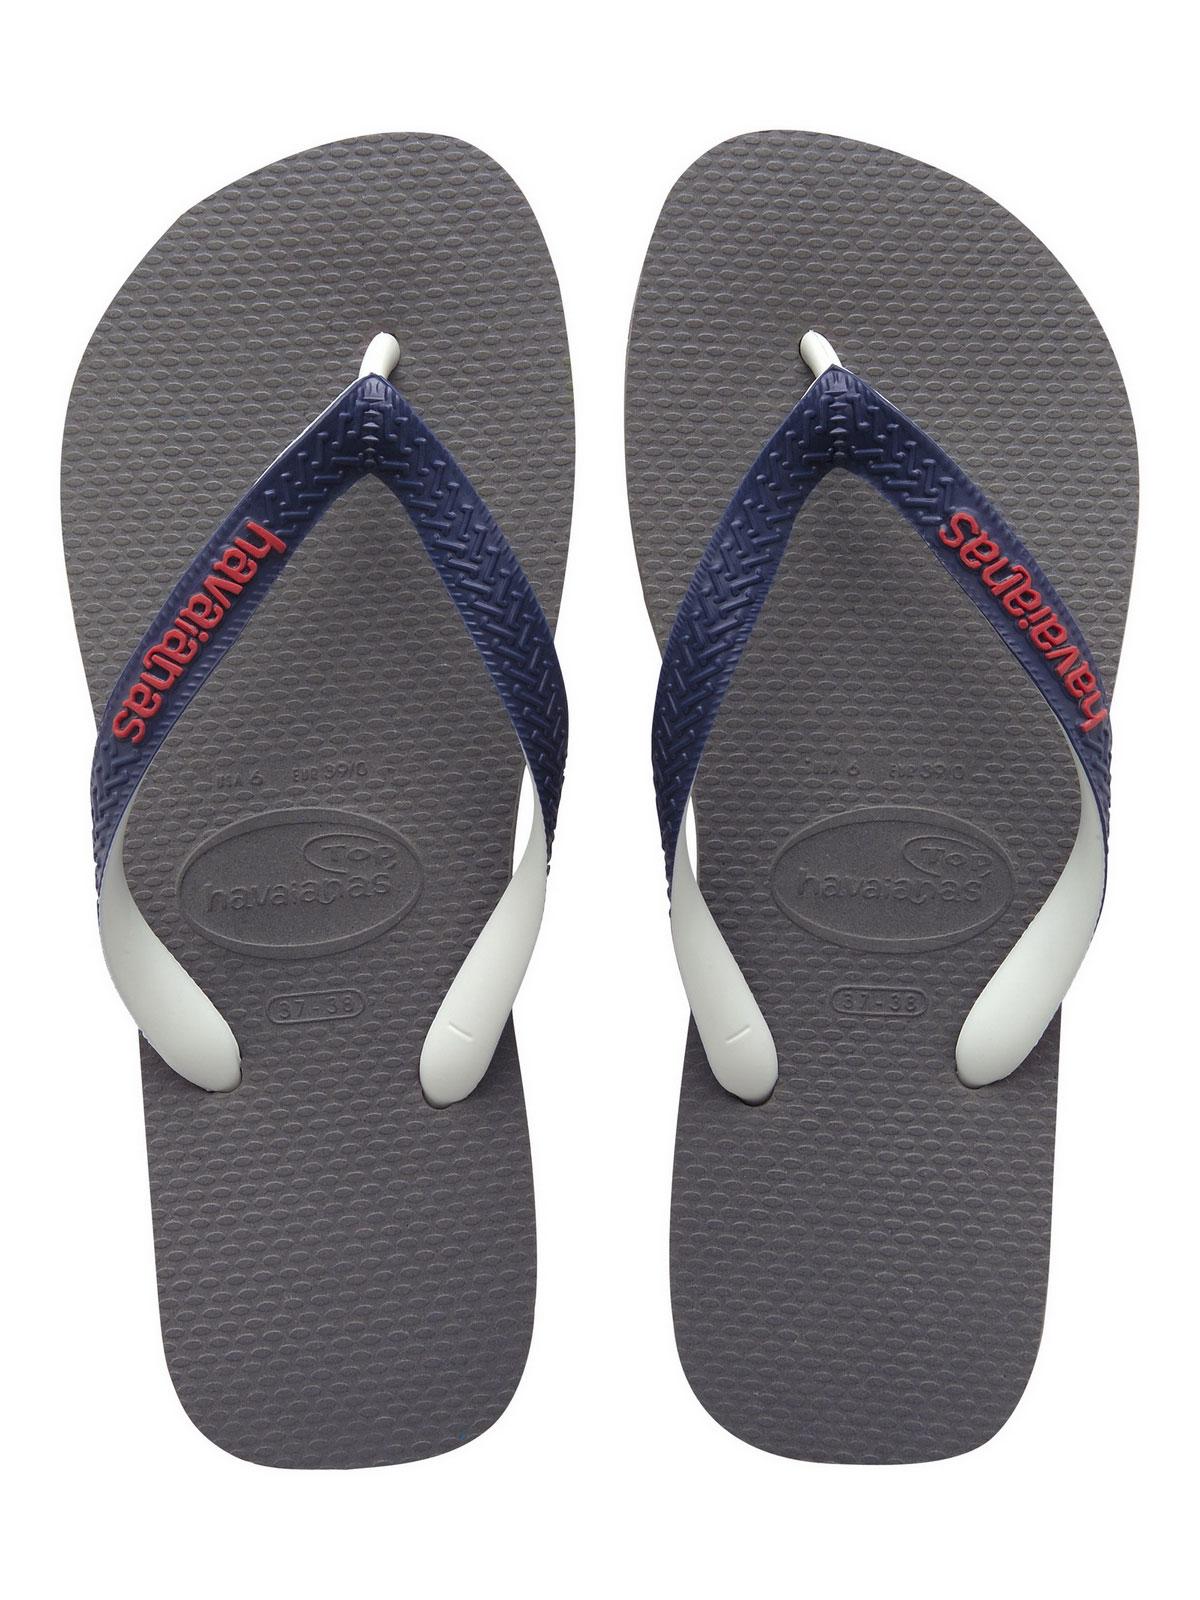 A great flip flop footjob 5